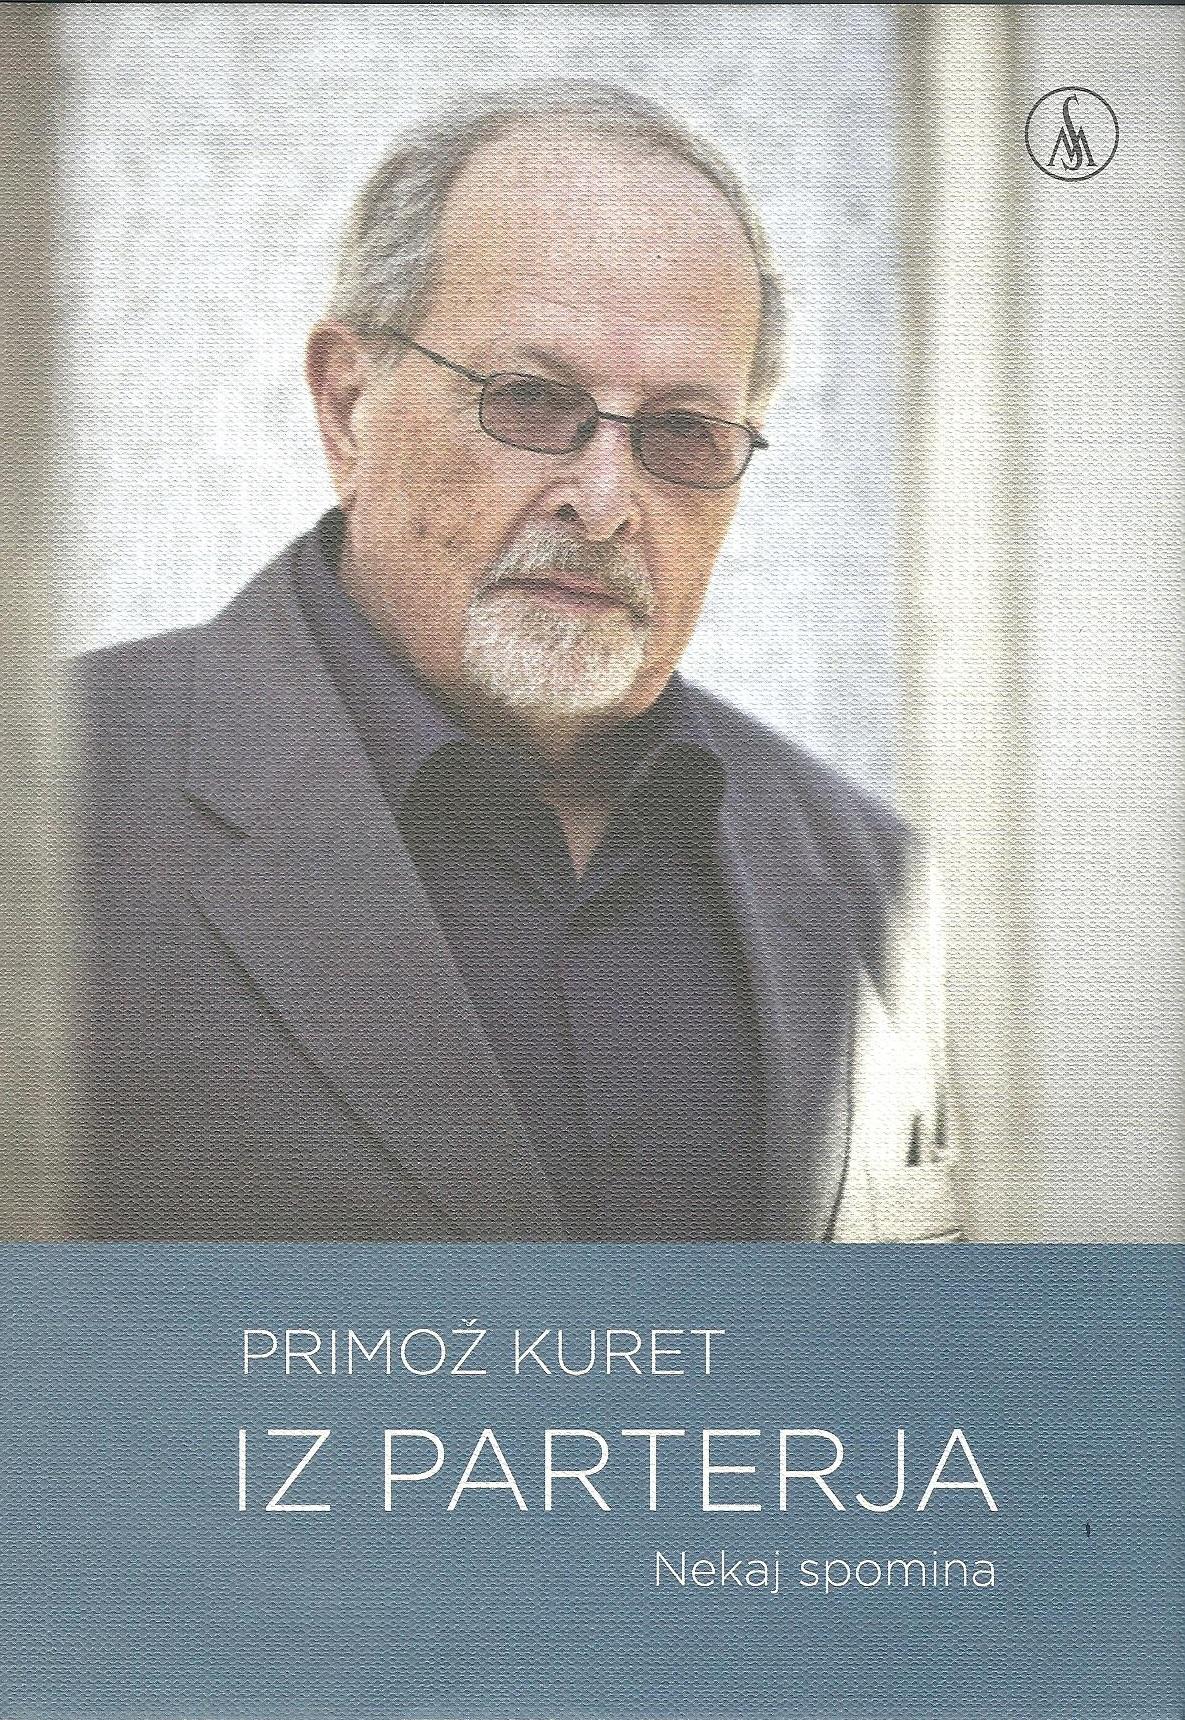 Predstavitev knjige Primoža Kureta Iz parterja. Nekaj spomina